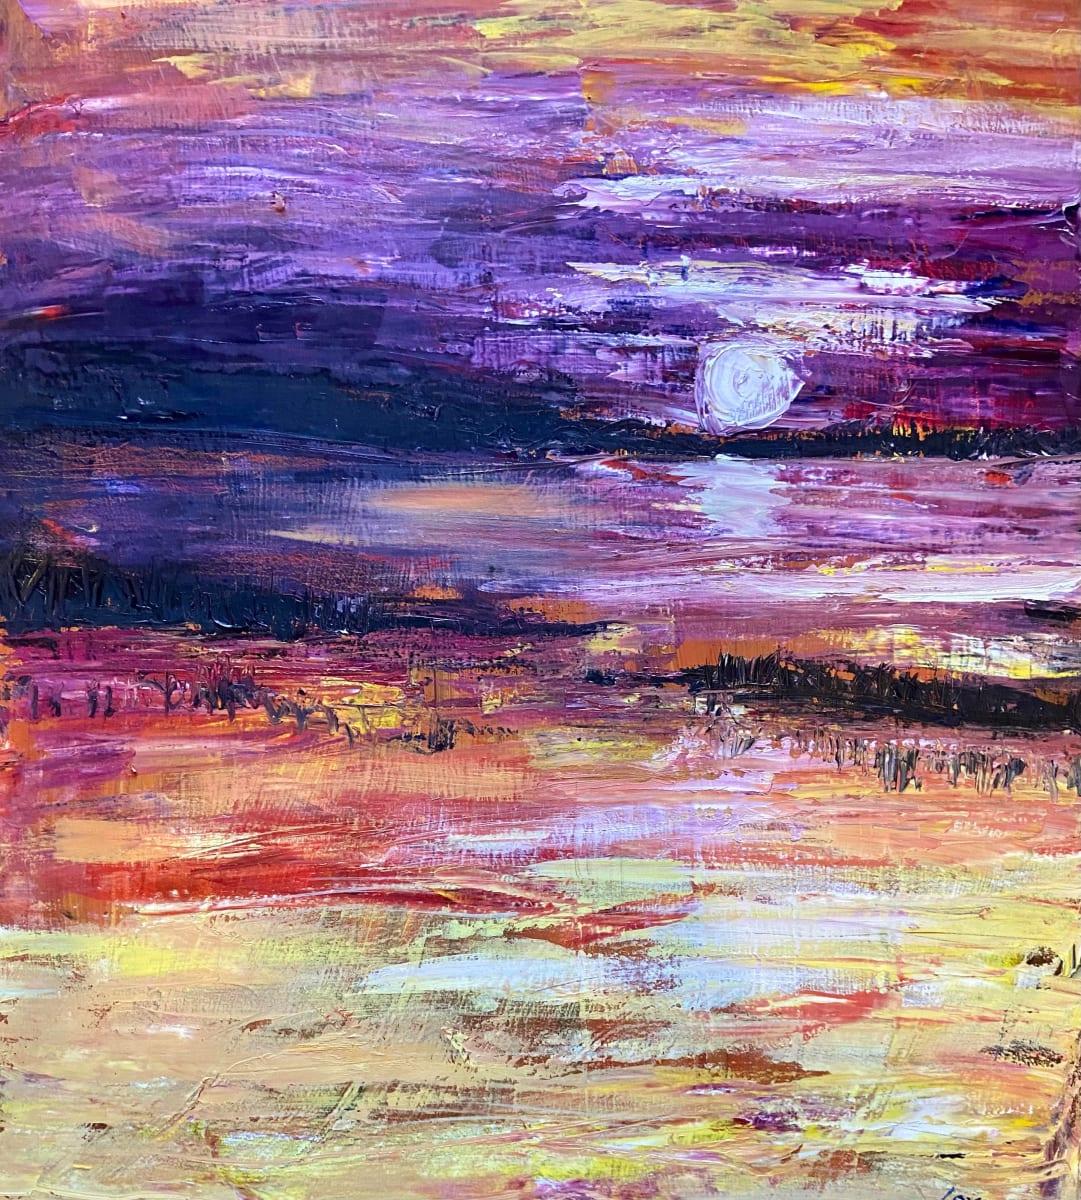 Violet Marsh by Pat Love